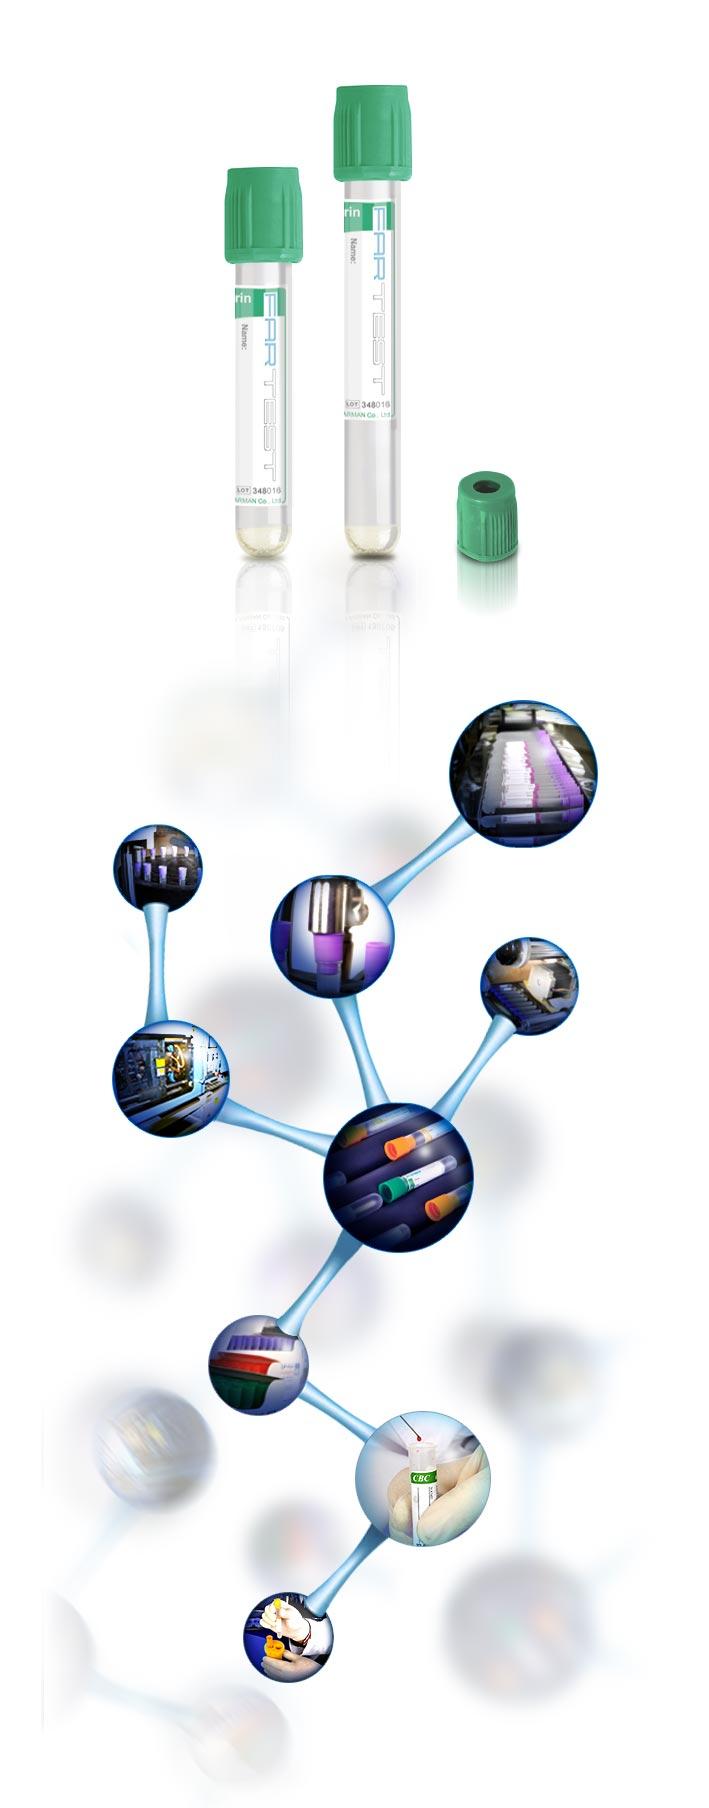 لوله وکیوم خون گیری هپارین و ژل (Heparin+gel)